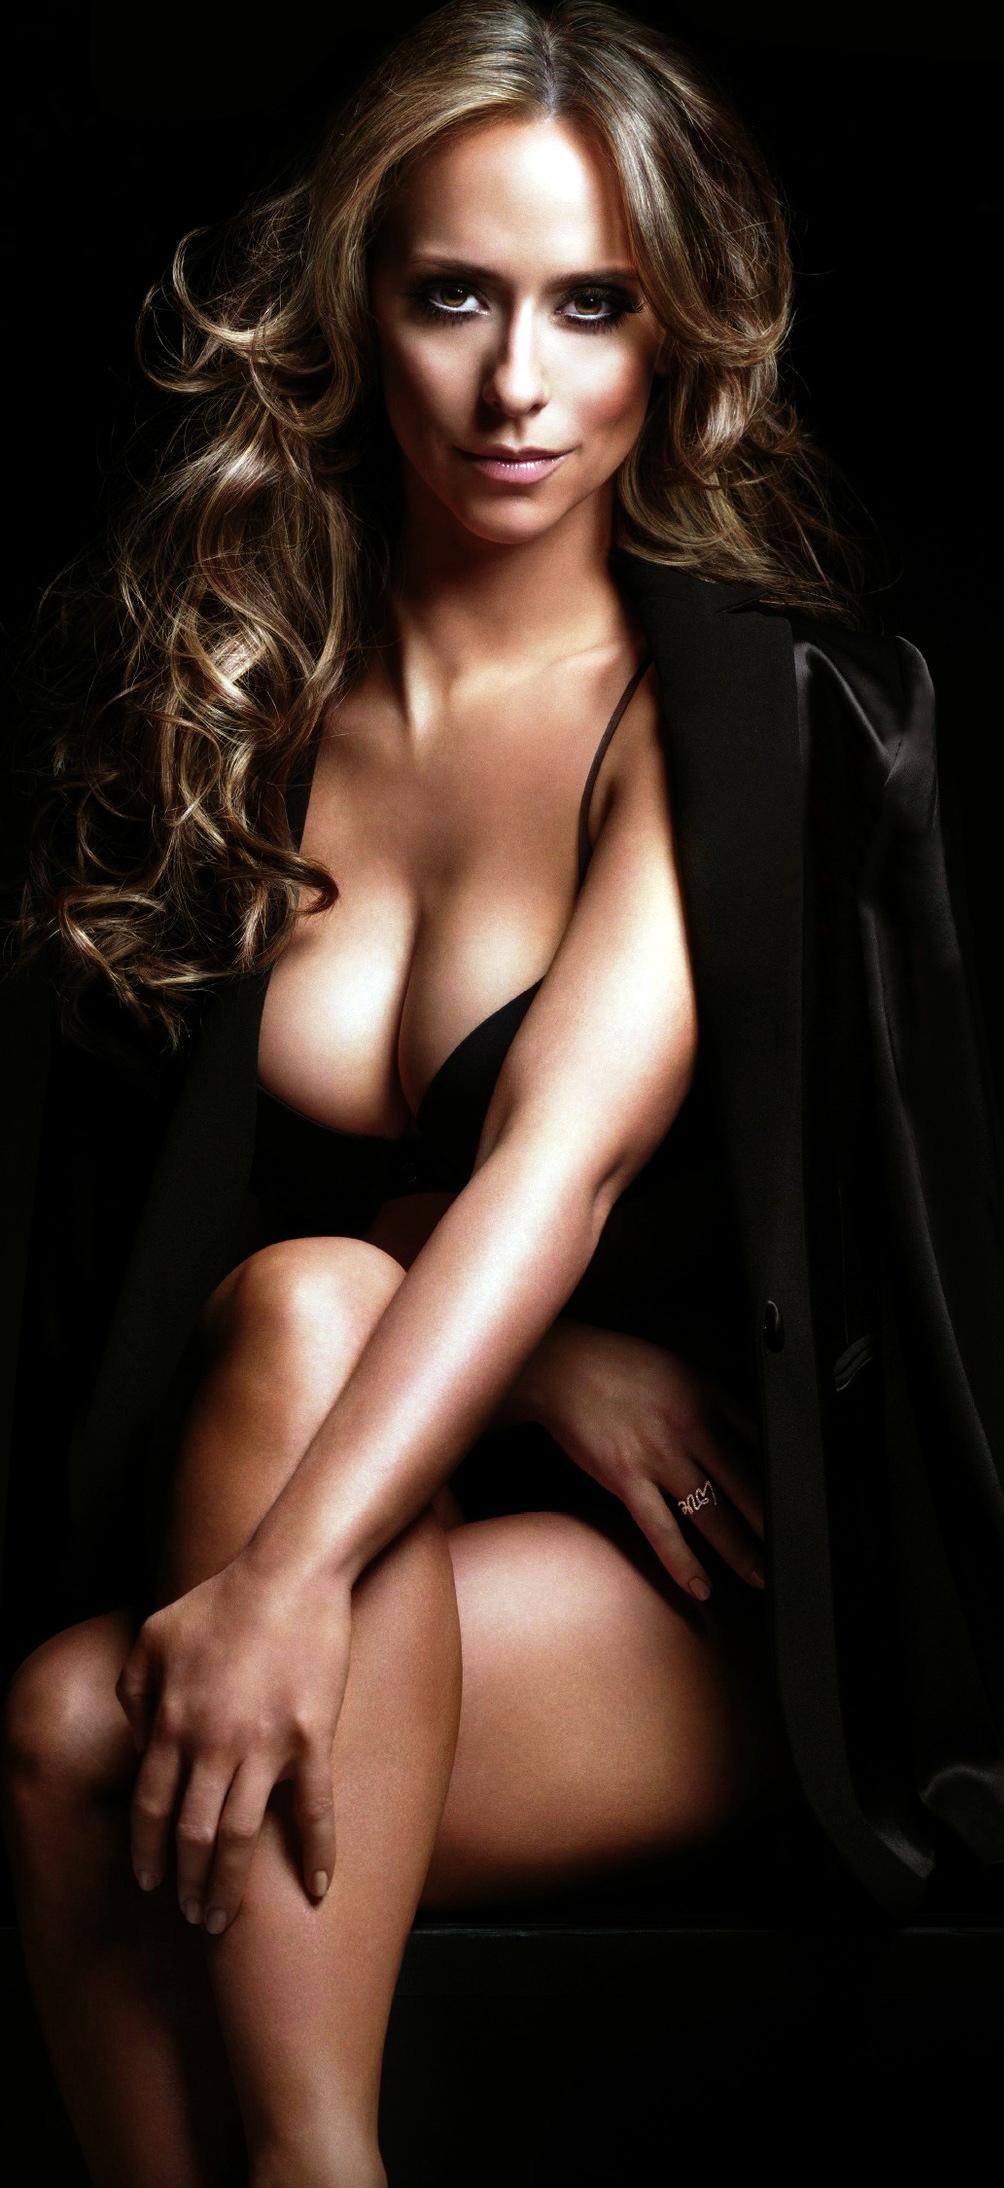 Sexy Jennifer Love Hewitt Pics Near